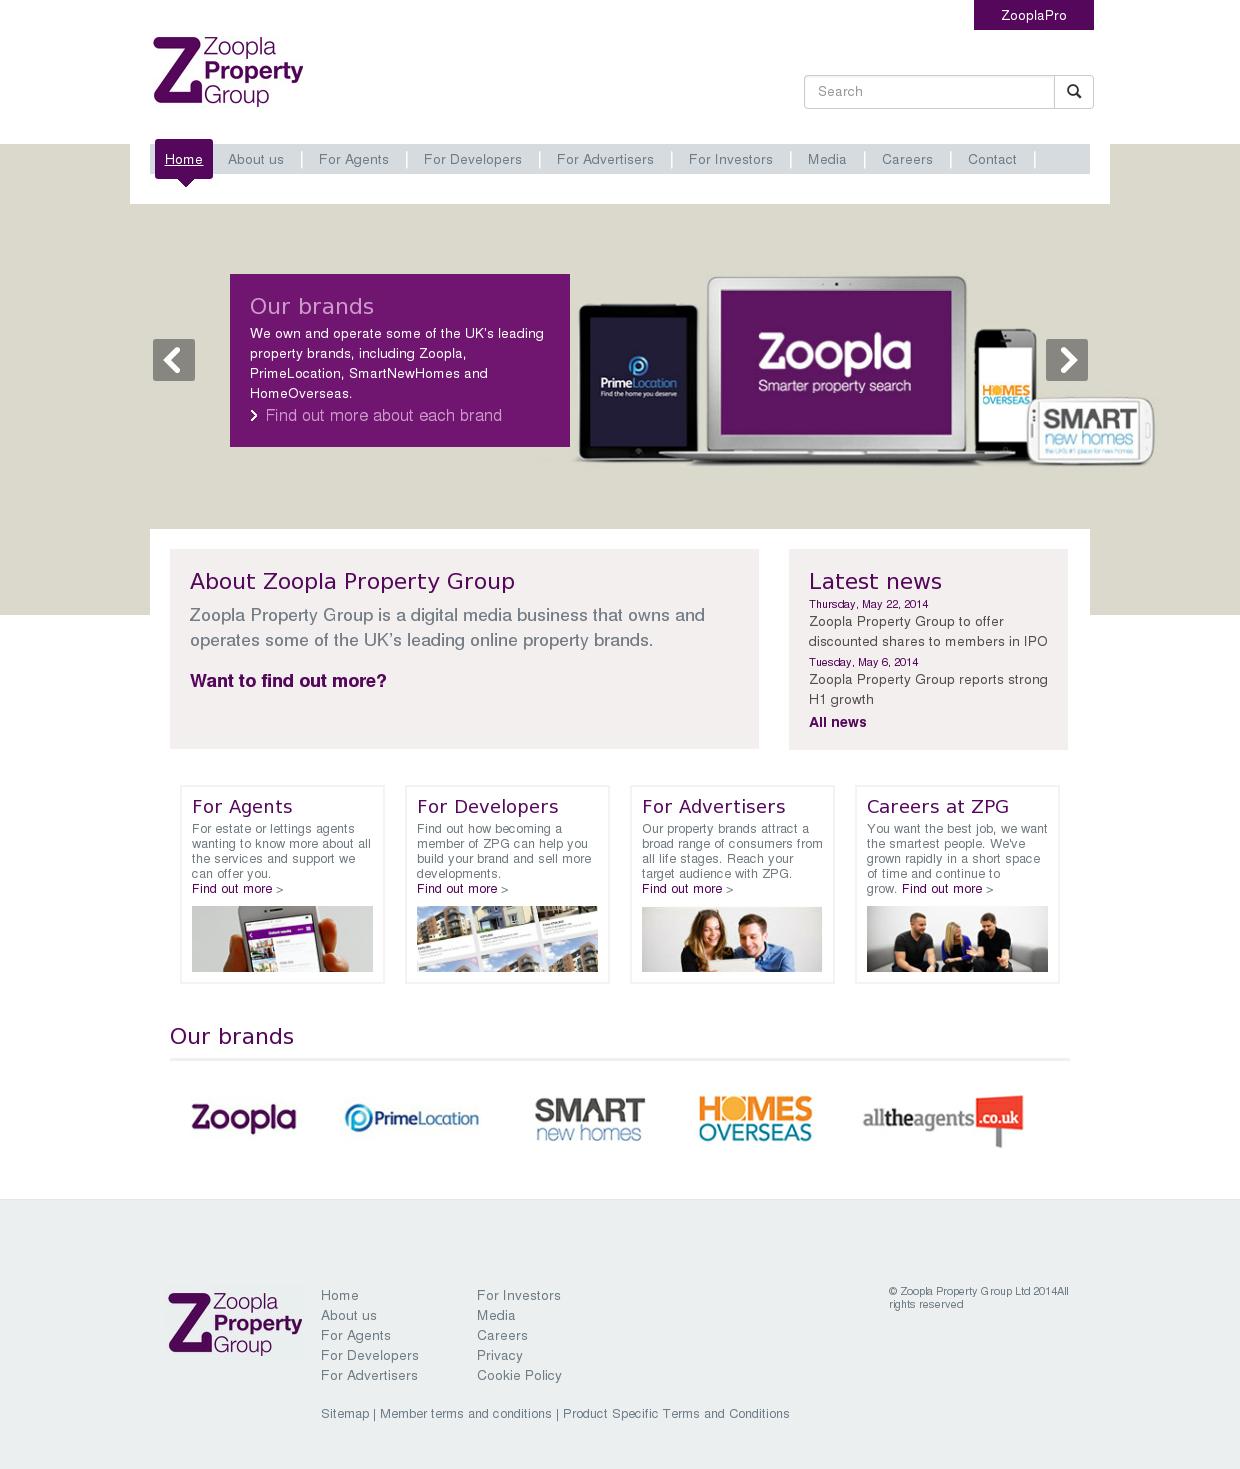 ZPG Ltd